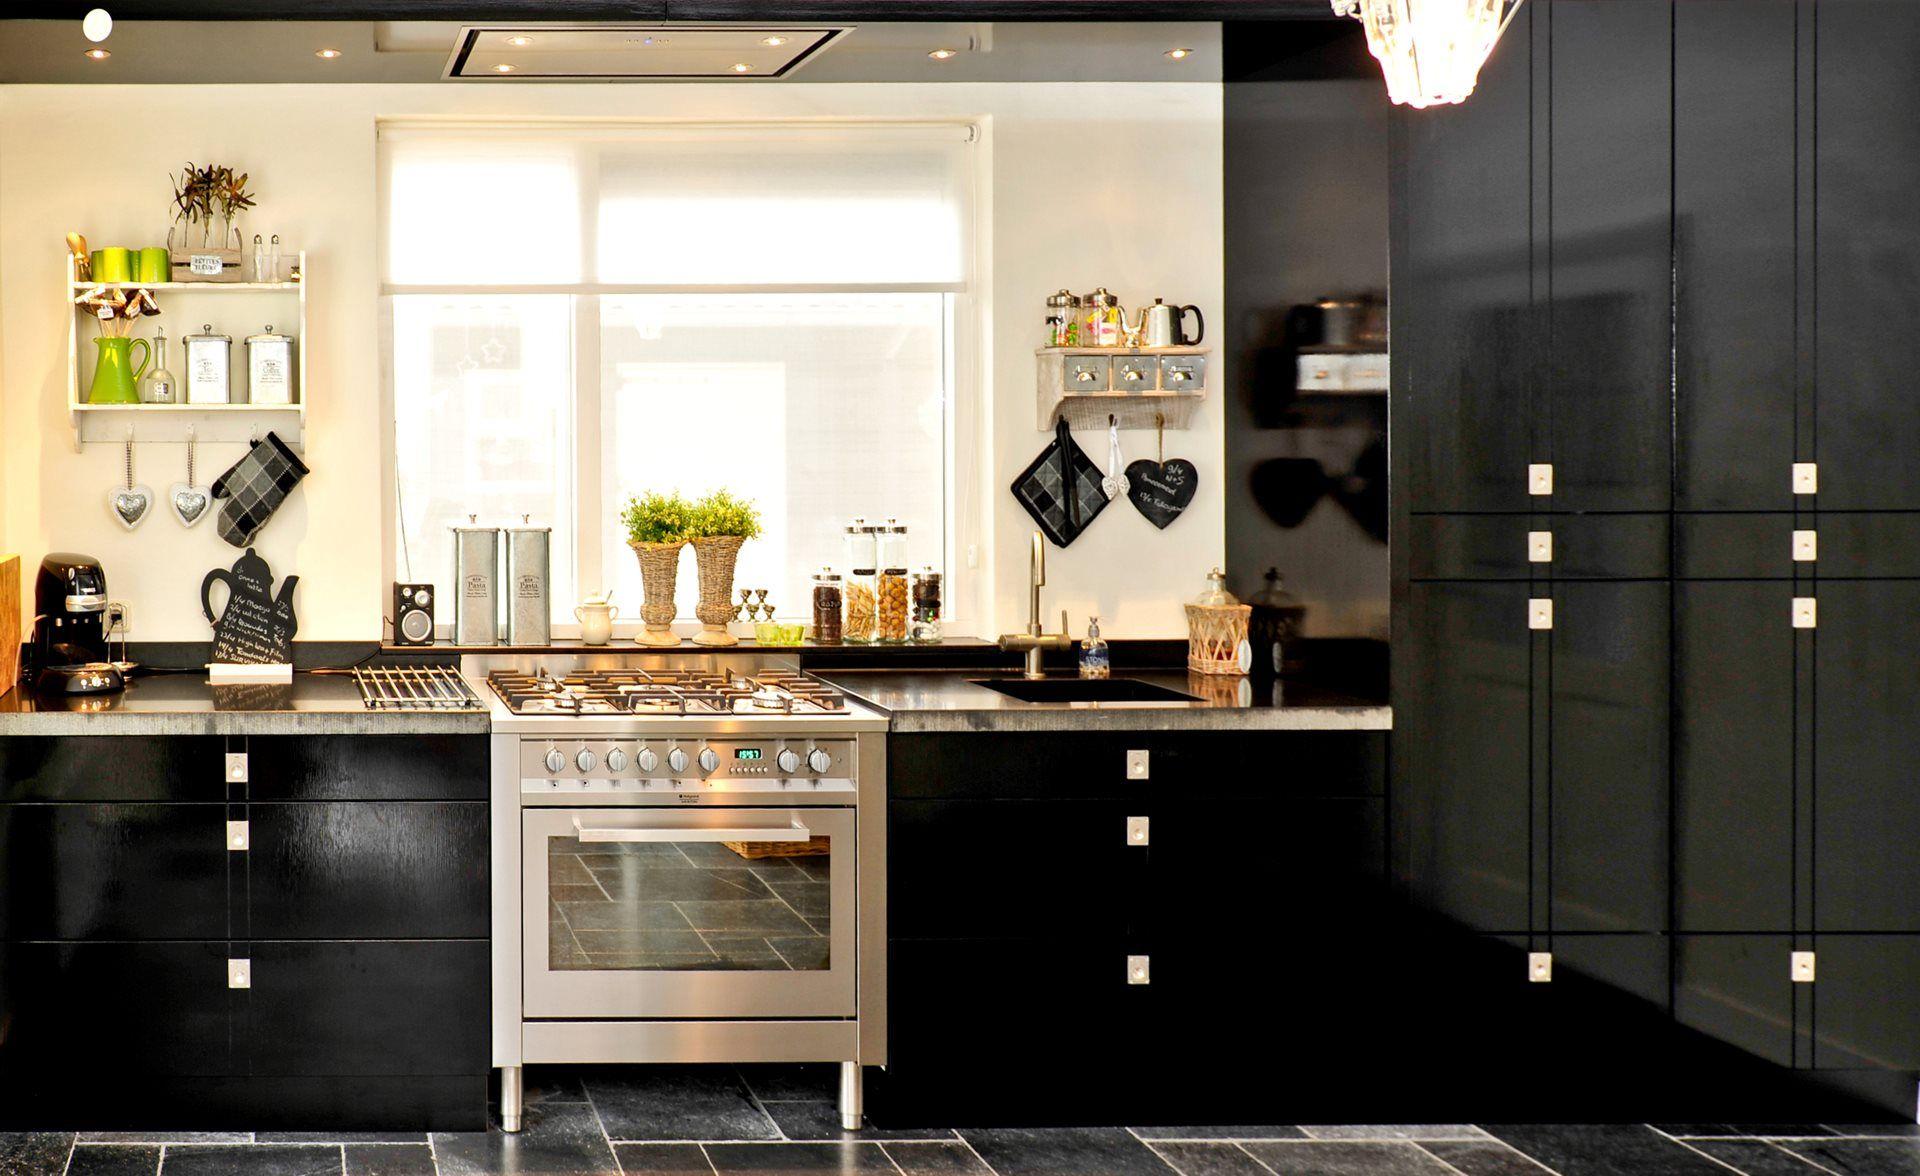 Van Galen Keukens : Van galen keukens zwolle parksidetraceapartments